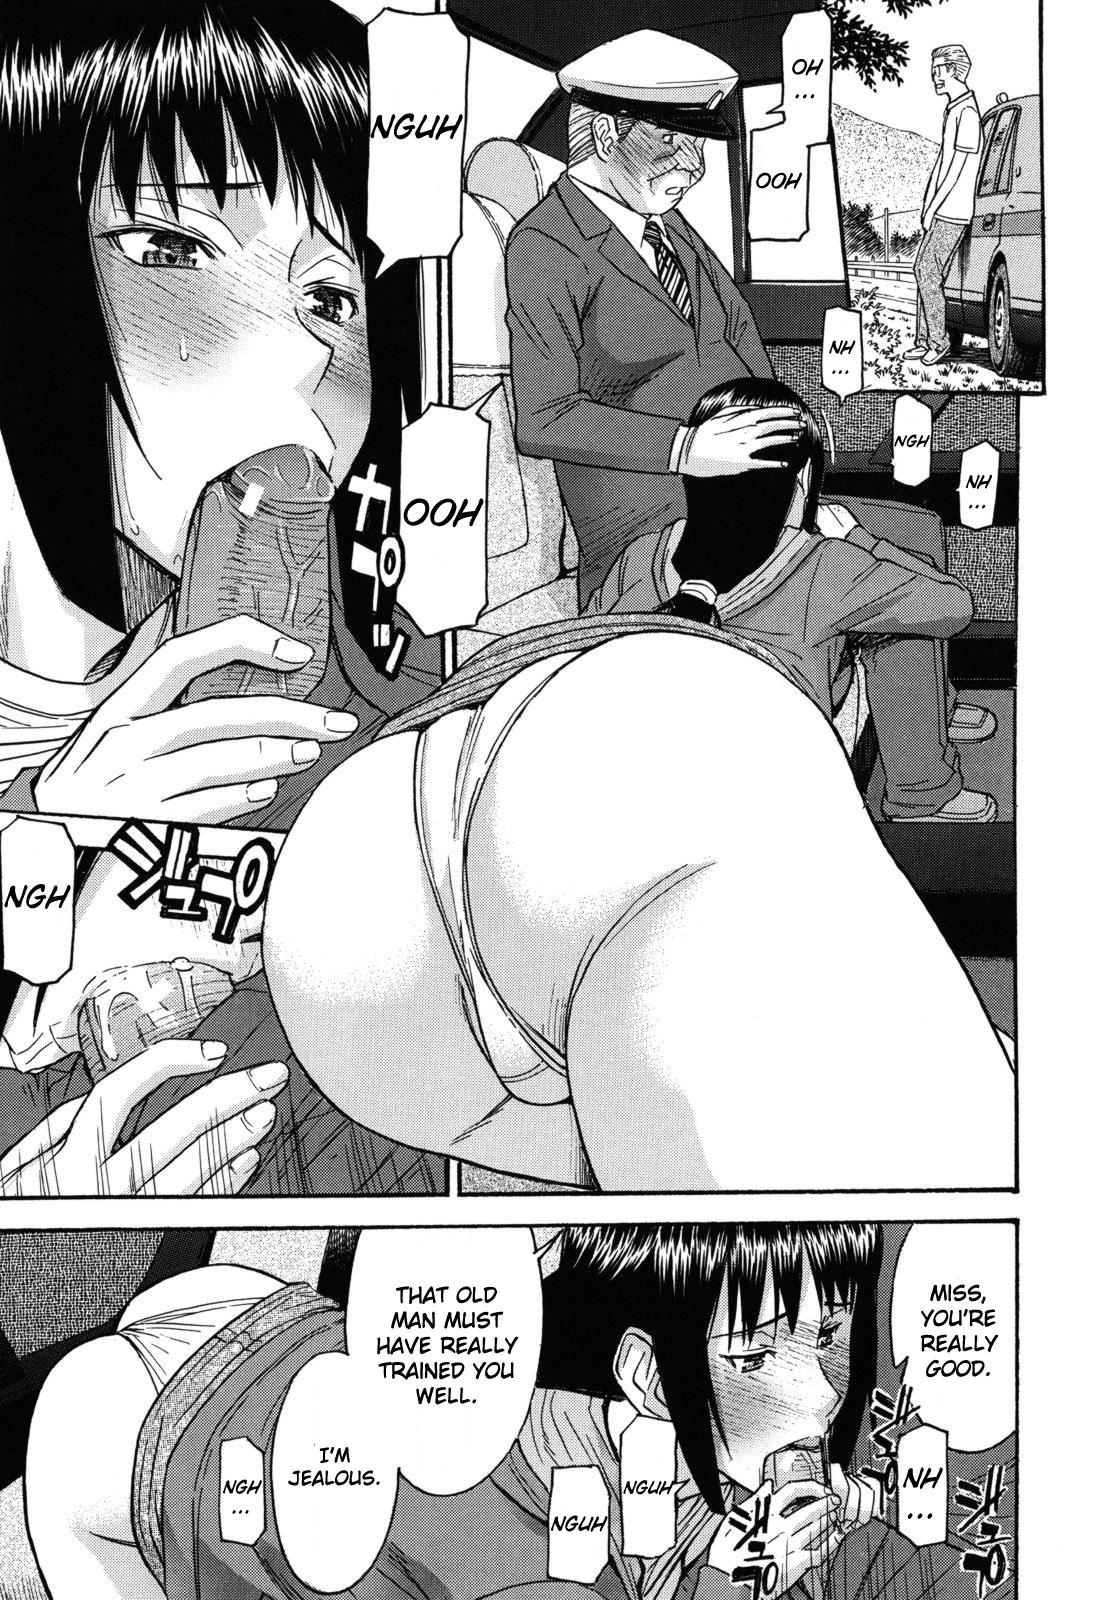 [Inomaru] Hanabira Seito Kaichou Bangaihen ~Kouchou Sensei Saikou no Ichinichi~ | Camellia - Student Council President Hanahira Side Story: Principal-sensei's Best Day Ever [English] {Rookie84} 14